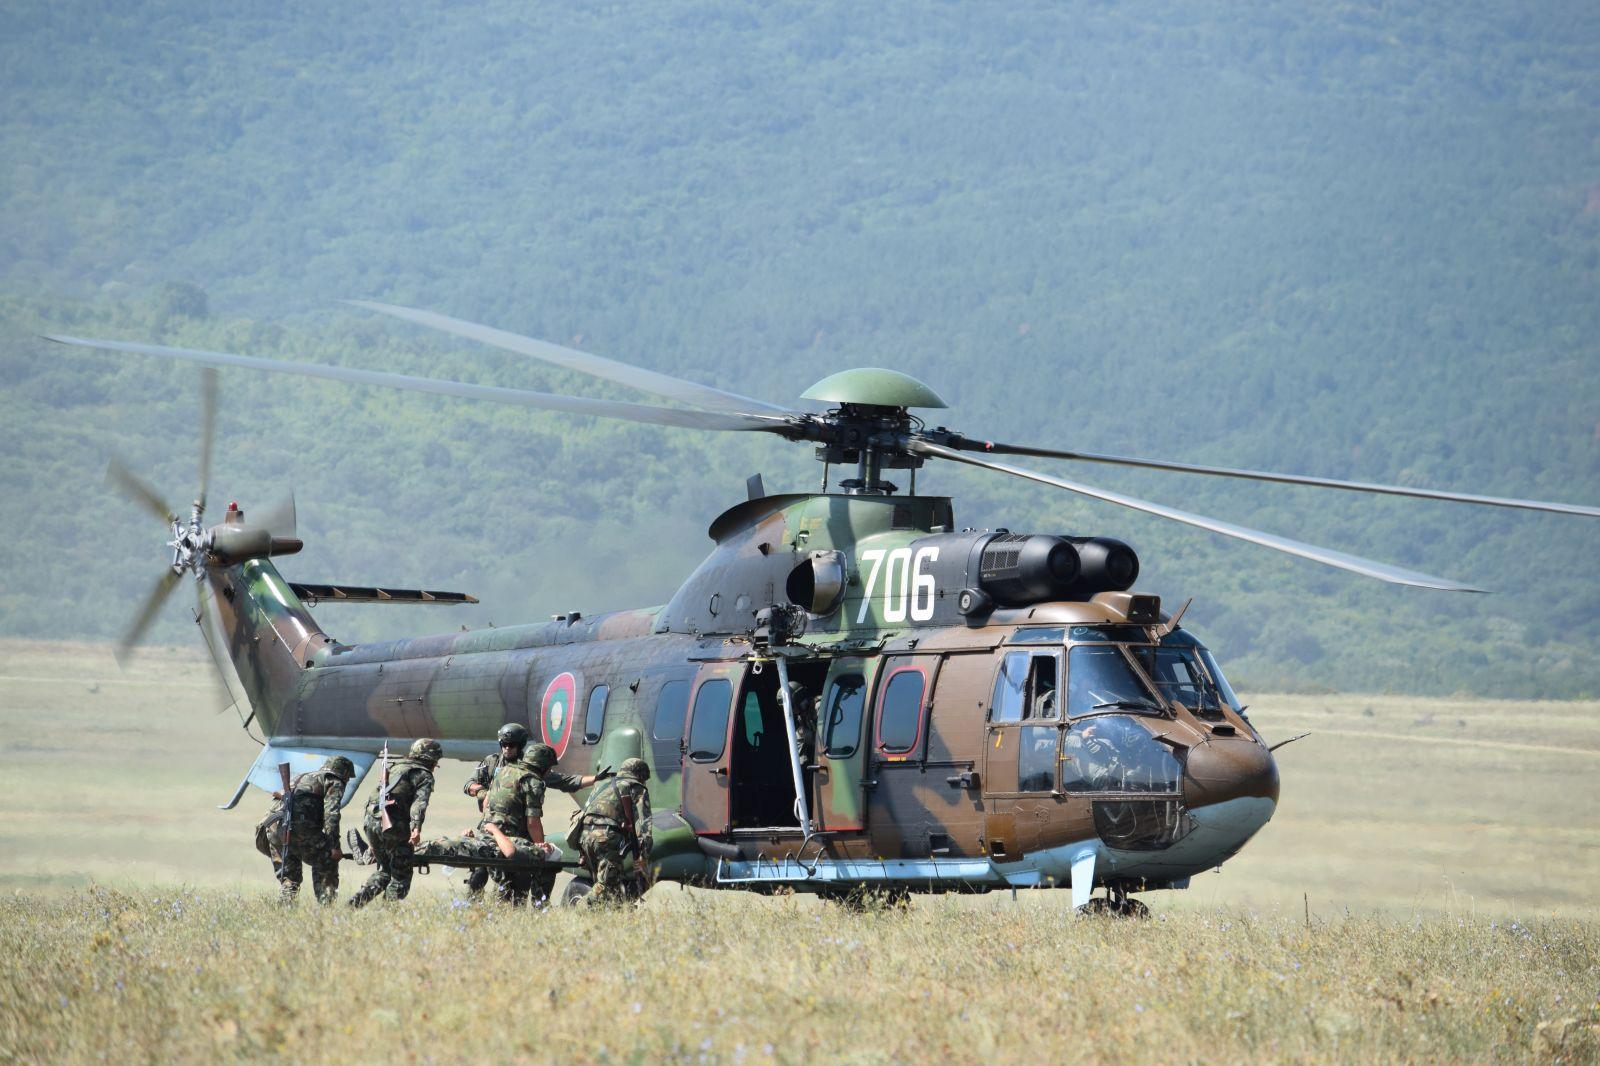 ГОРЕЩО: Министър Каракачанов: МО е готово да предостави 4 вертолета AS532AL Cougar за медицински нужди, базирани във Враждебна, Крумово, Долна Митрополия и Чайка